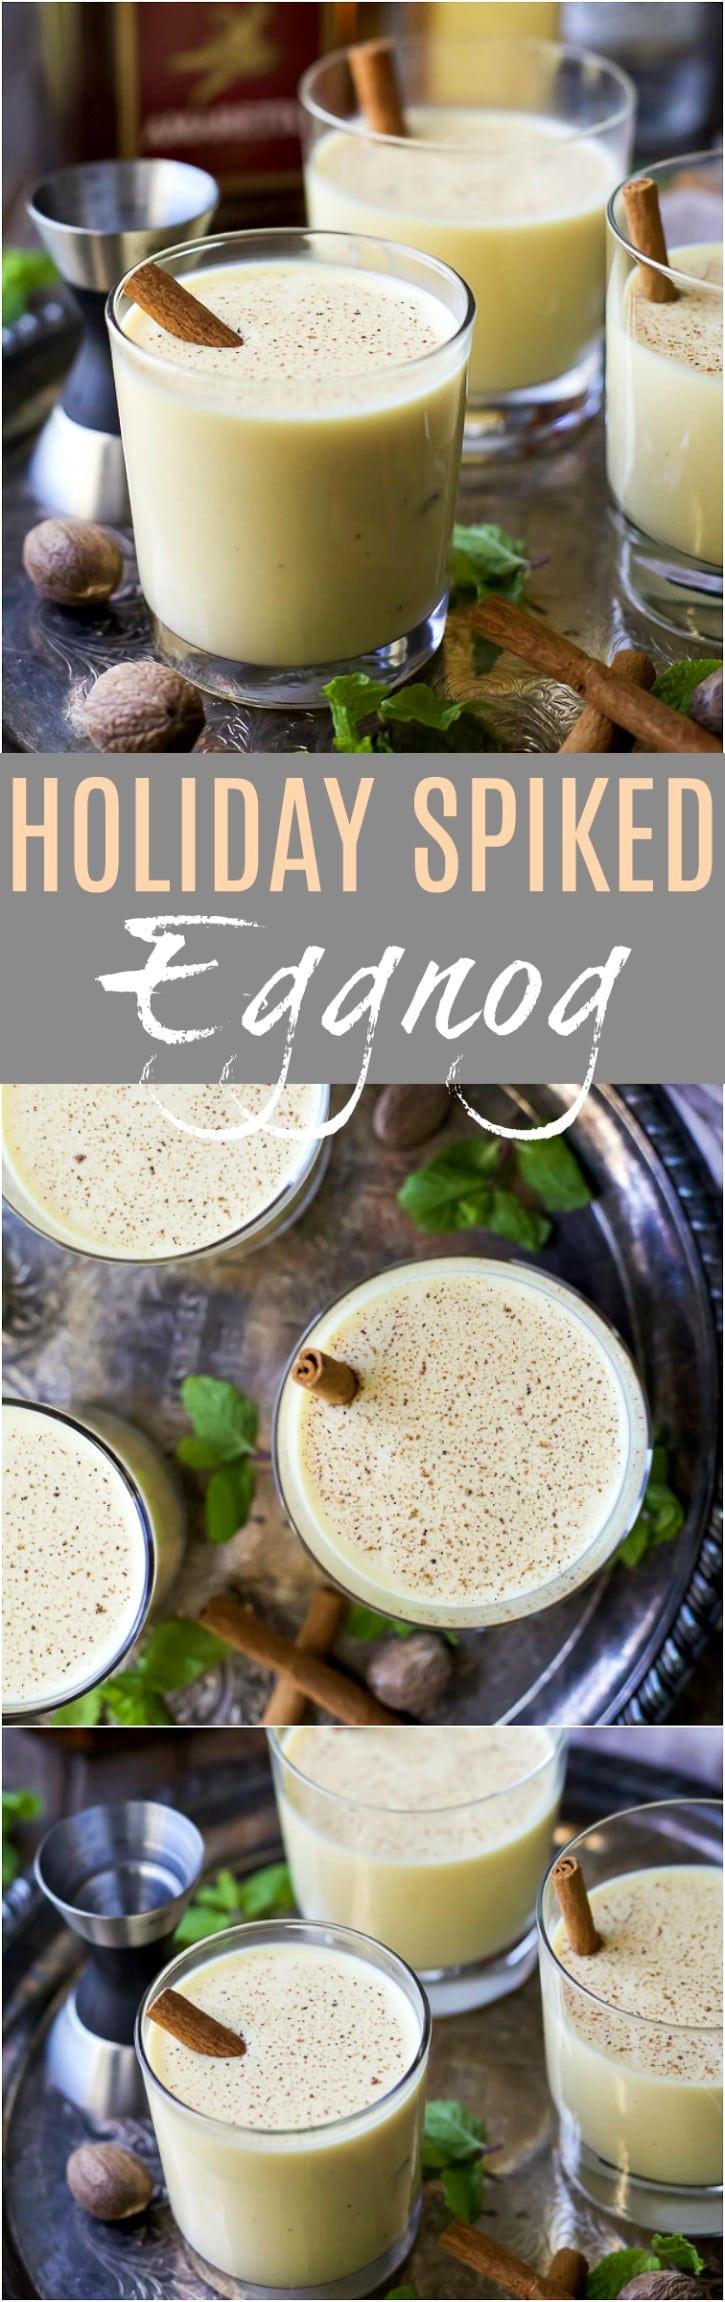 Christmas Eggnog Recipe  Holiday Spiked Eggnog